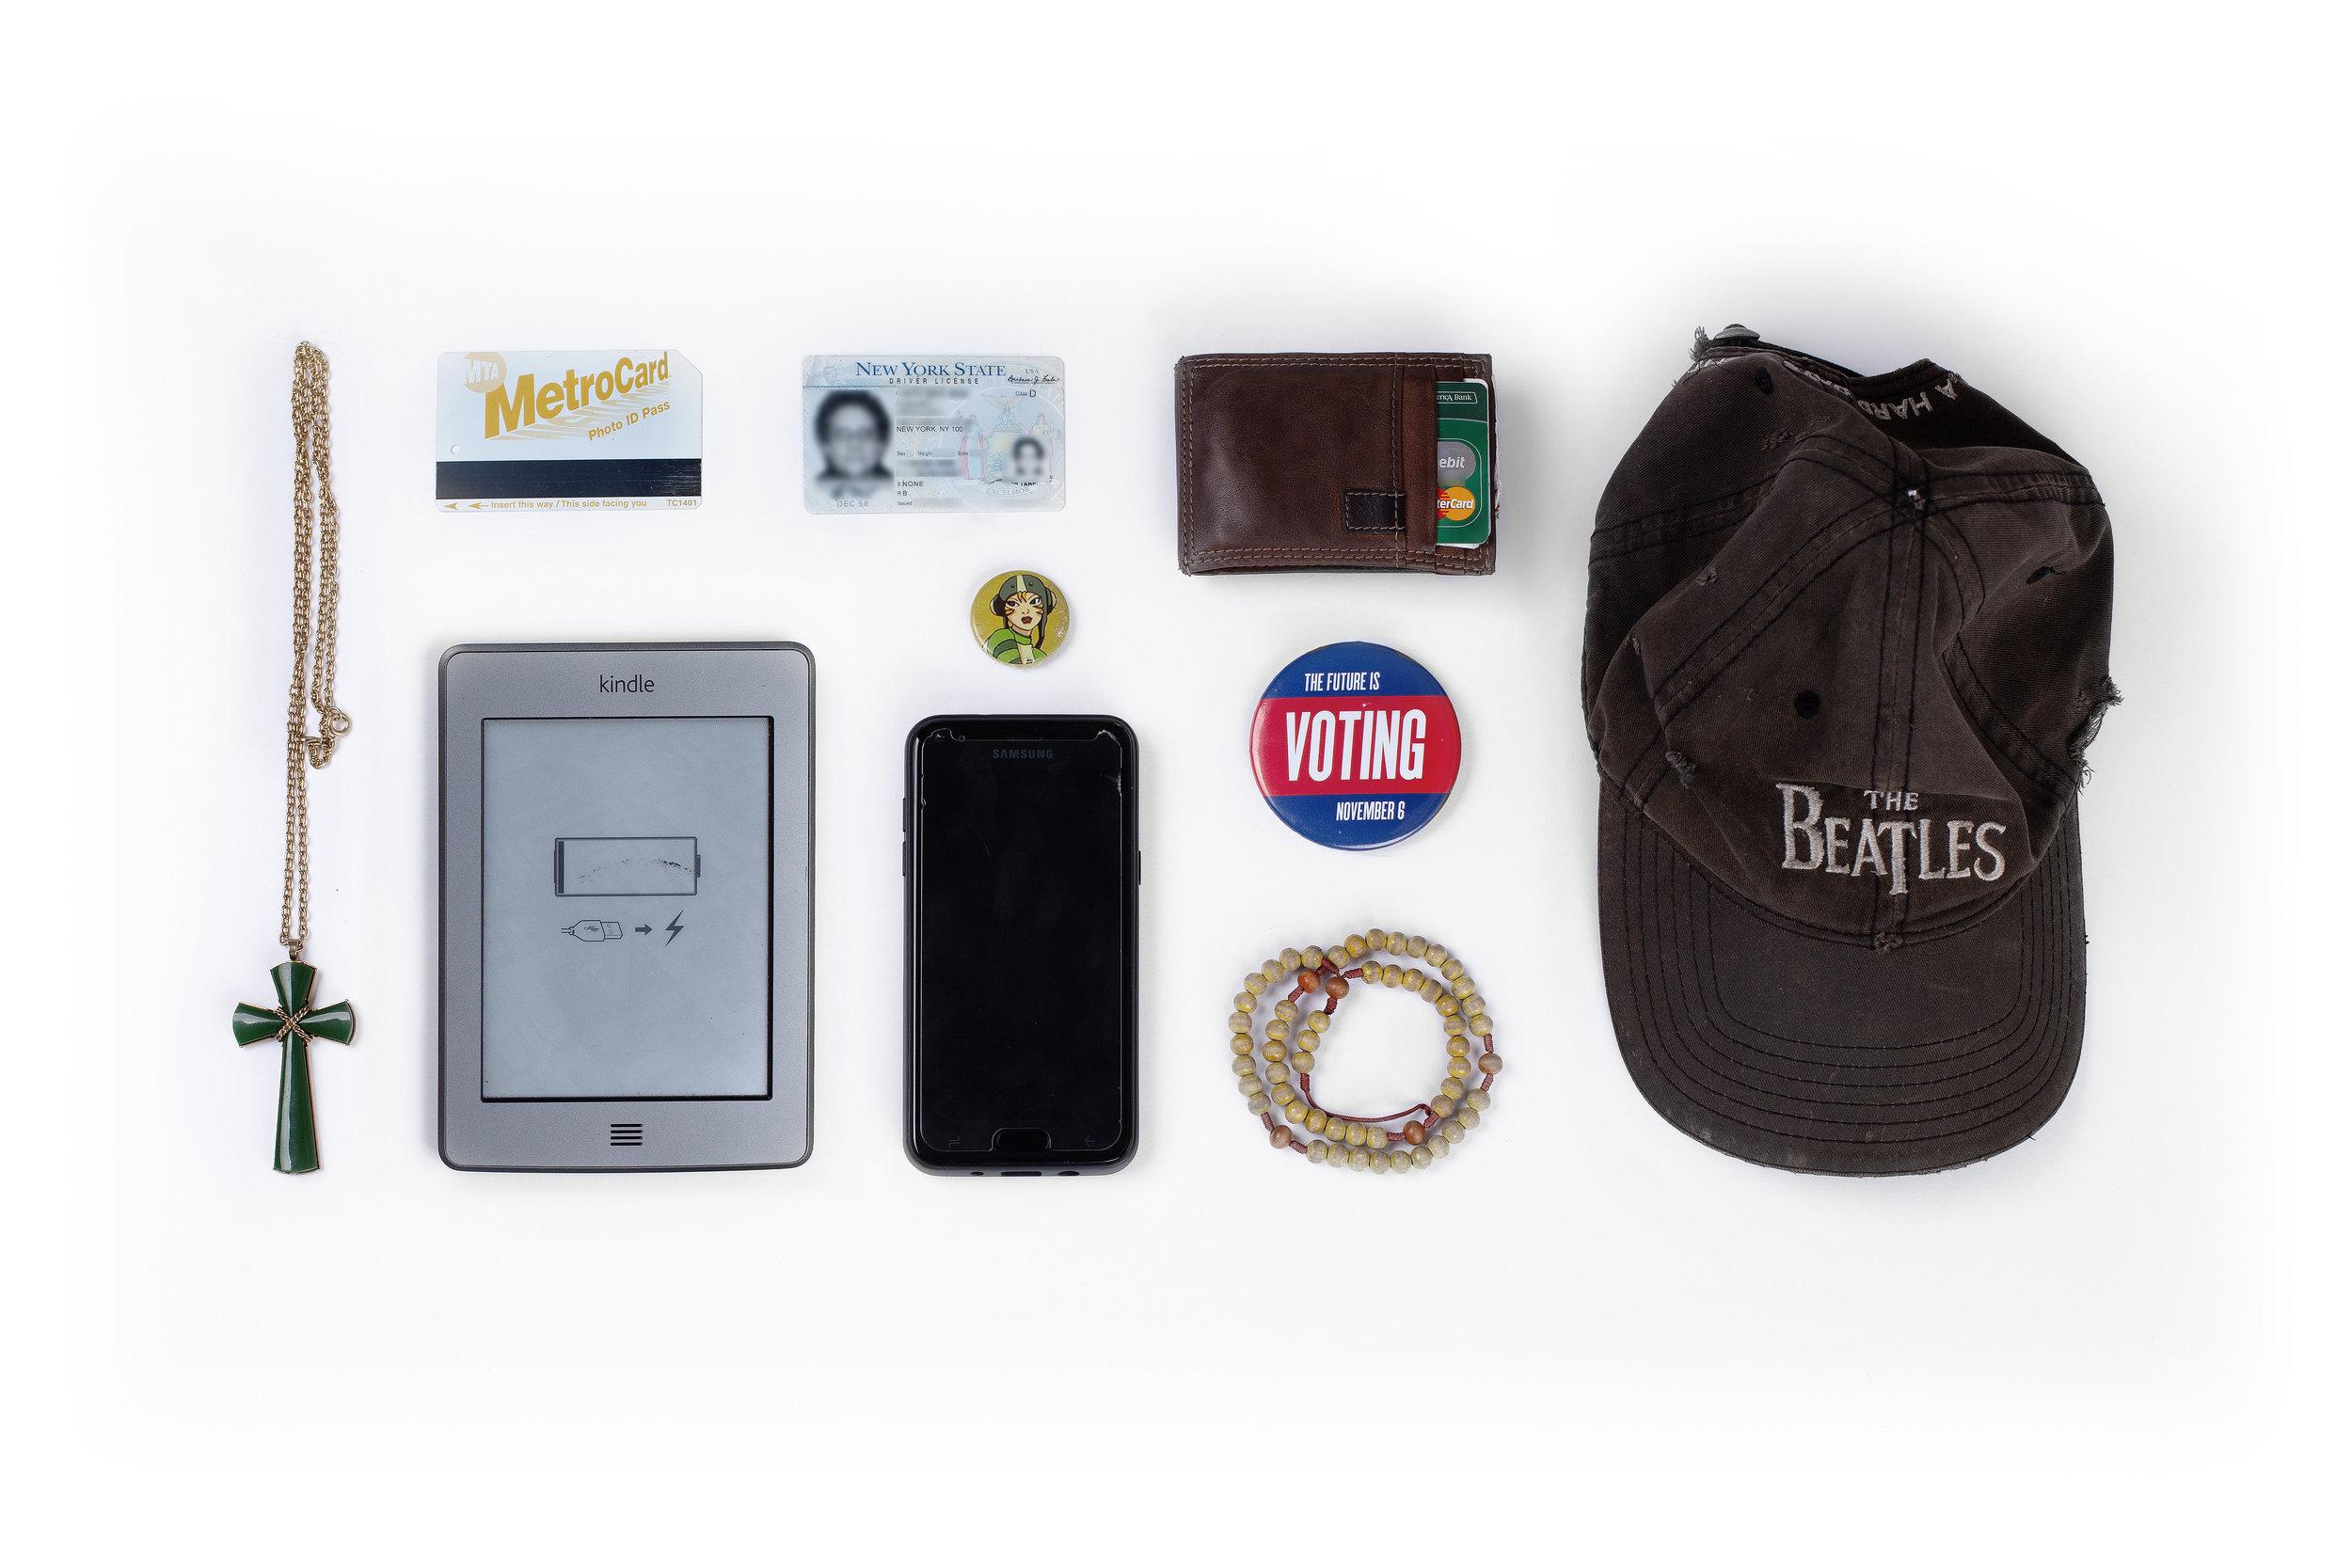 Cross – Metrocard – New York State ID – Wallet – Cap – Ebook Reader – Phone – Pin – Voting Pin – Bracelet